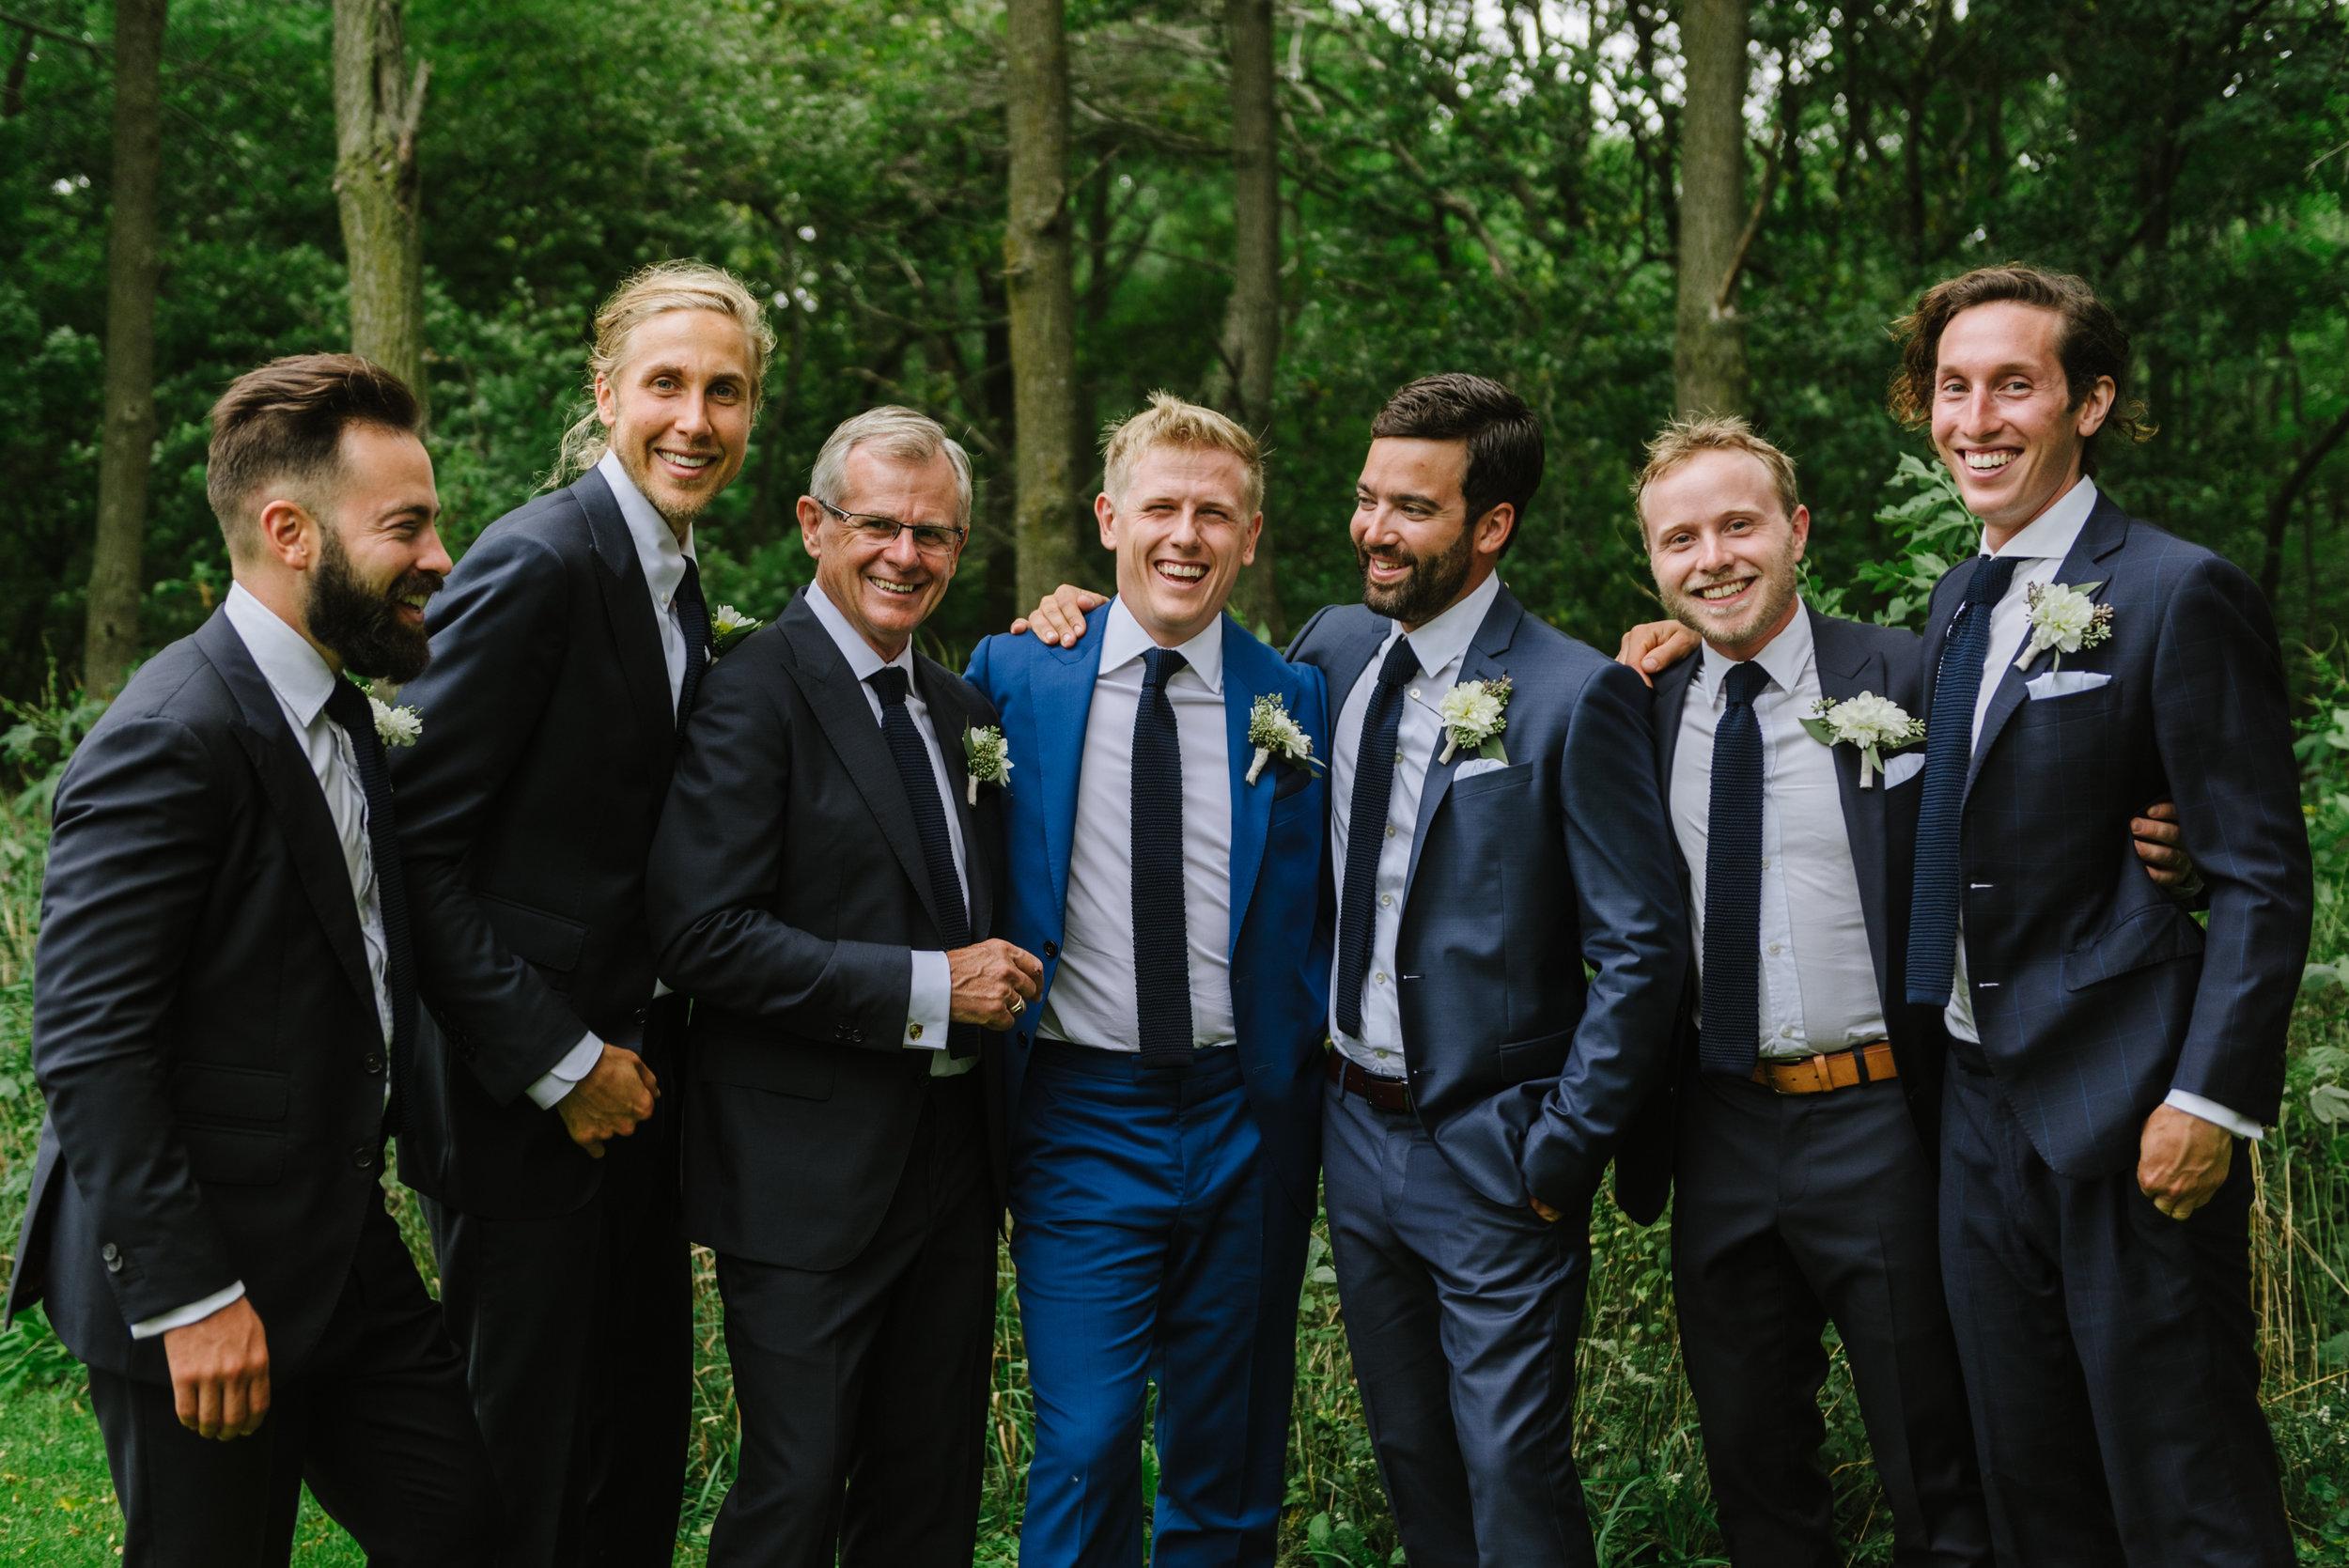 groomsmen-navy-suit